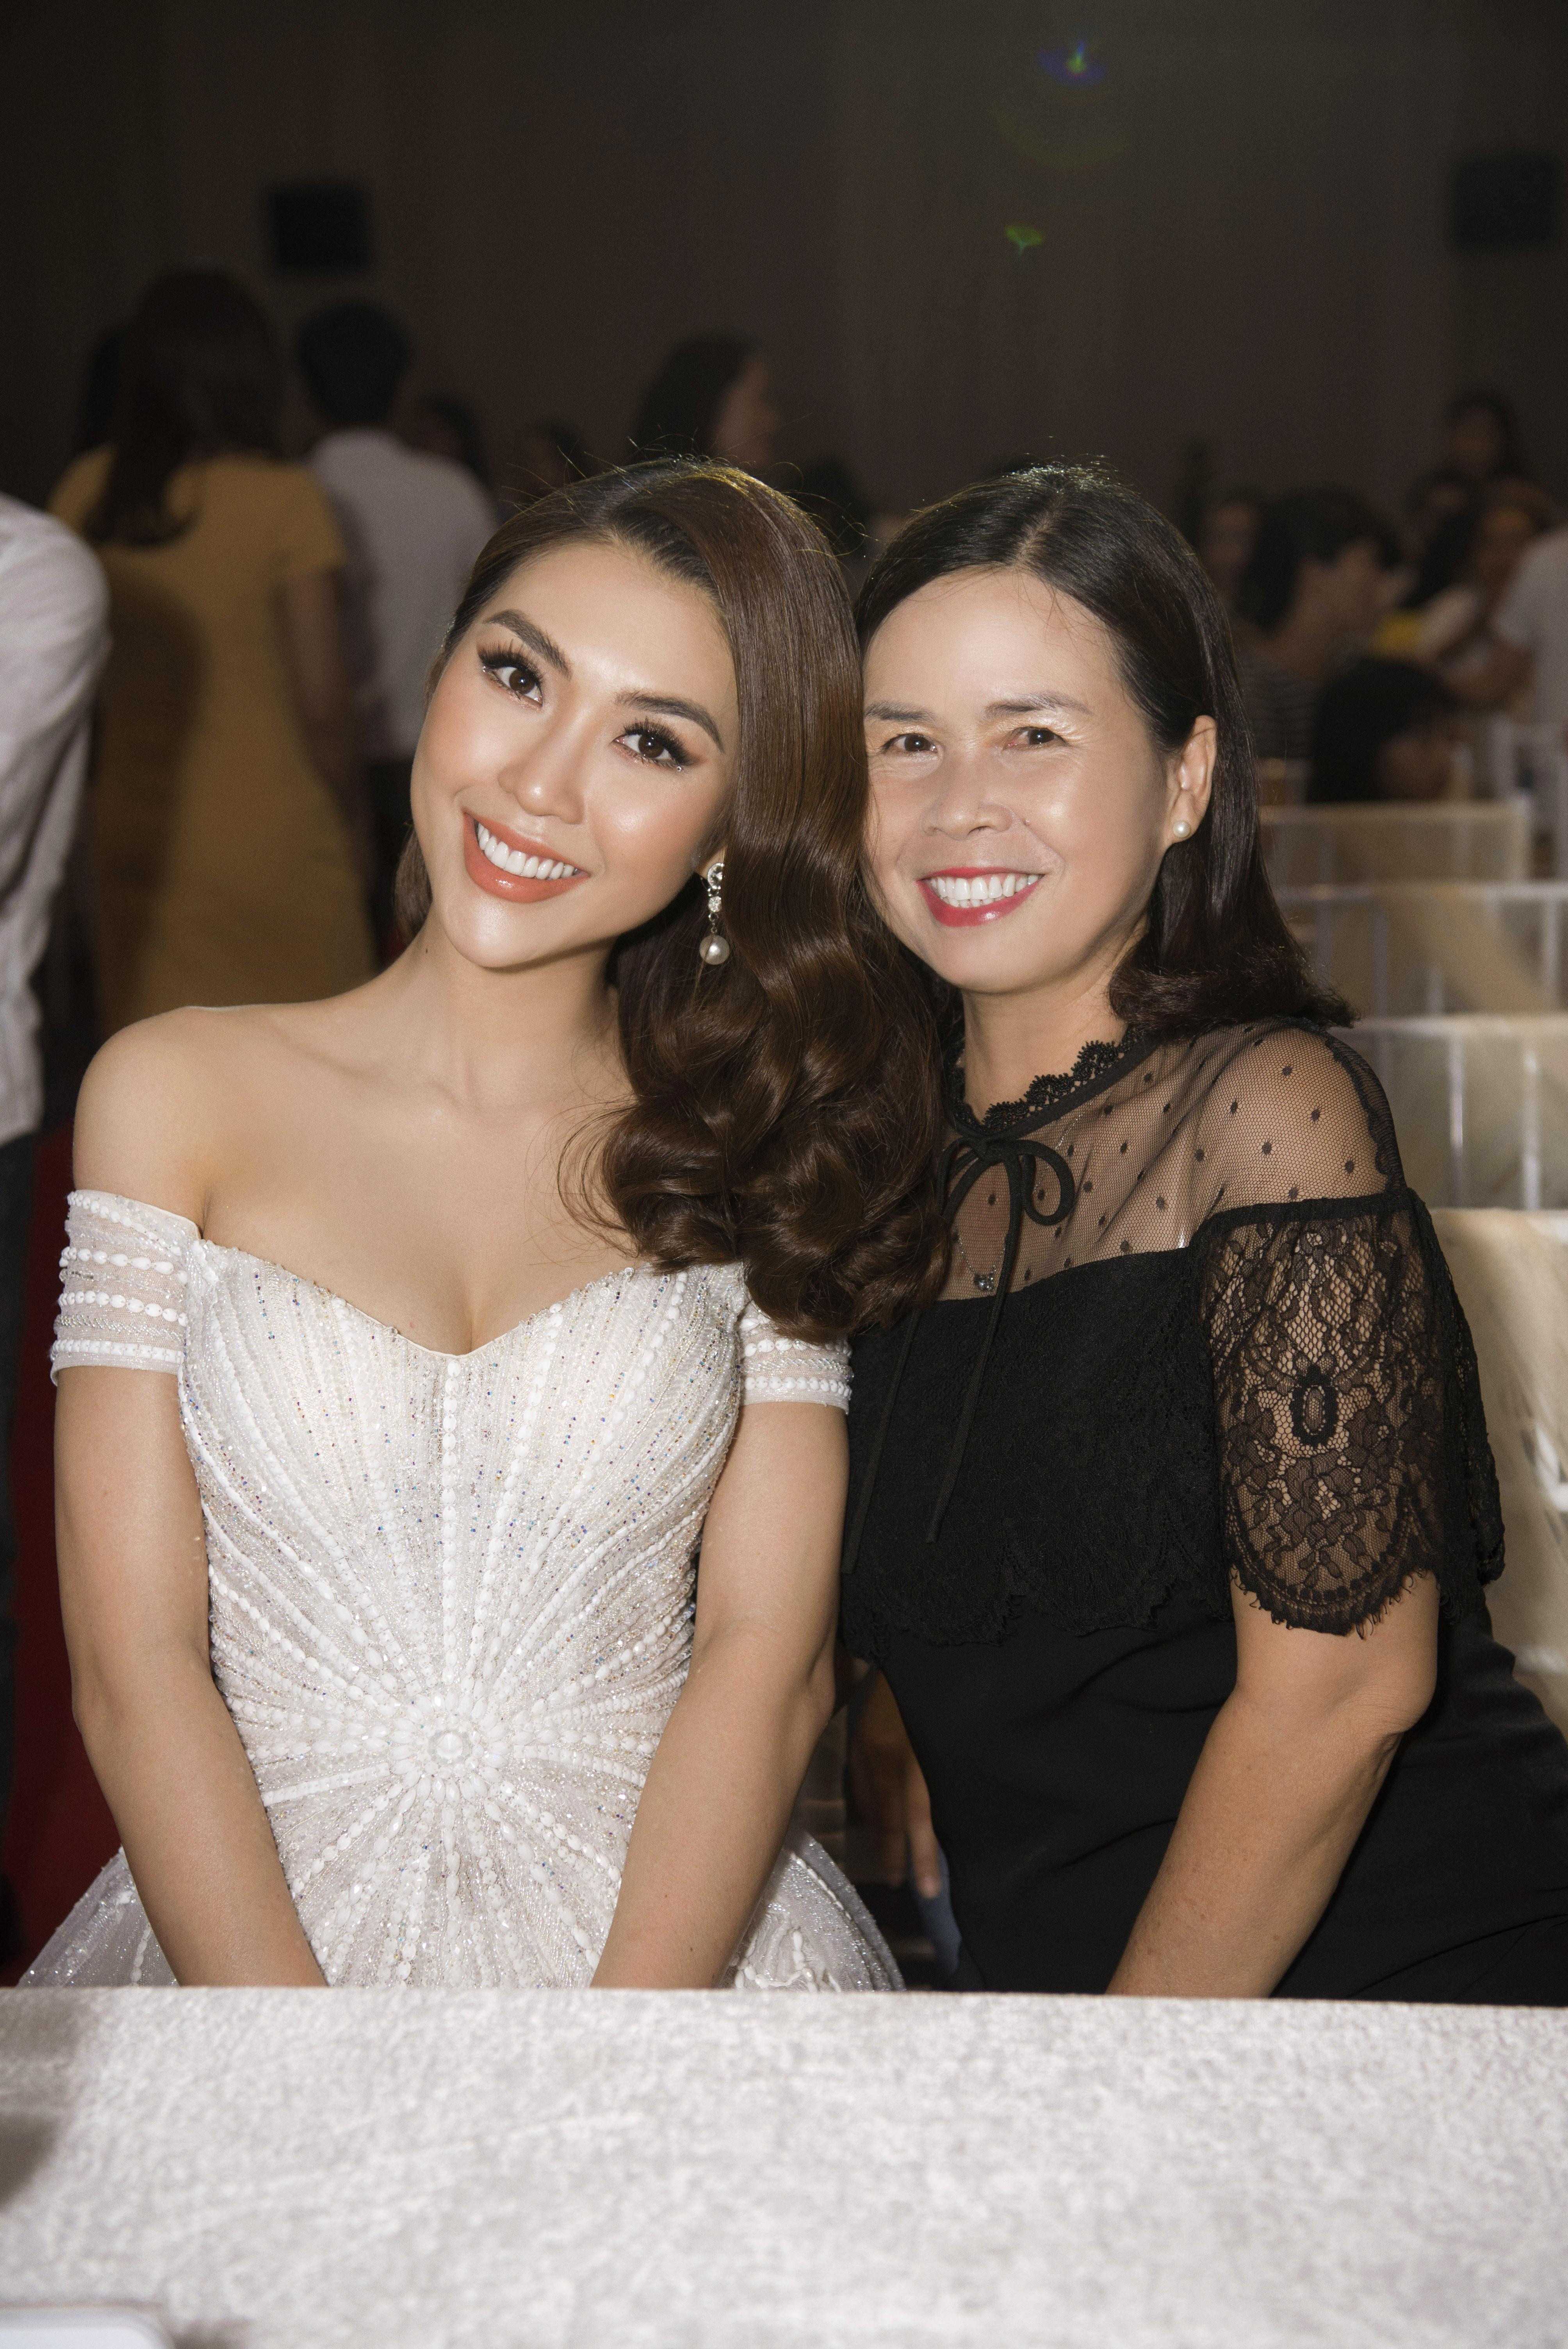 Hoa hậu Tường Linh xinh như công chúa làm giám khảo cuộc sắc đẹp tại quê nhà 3